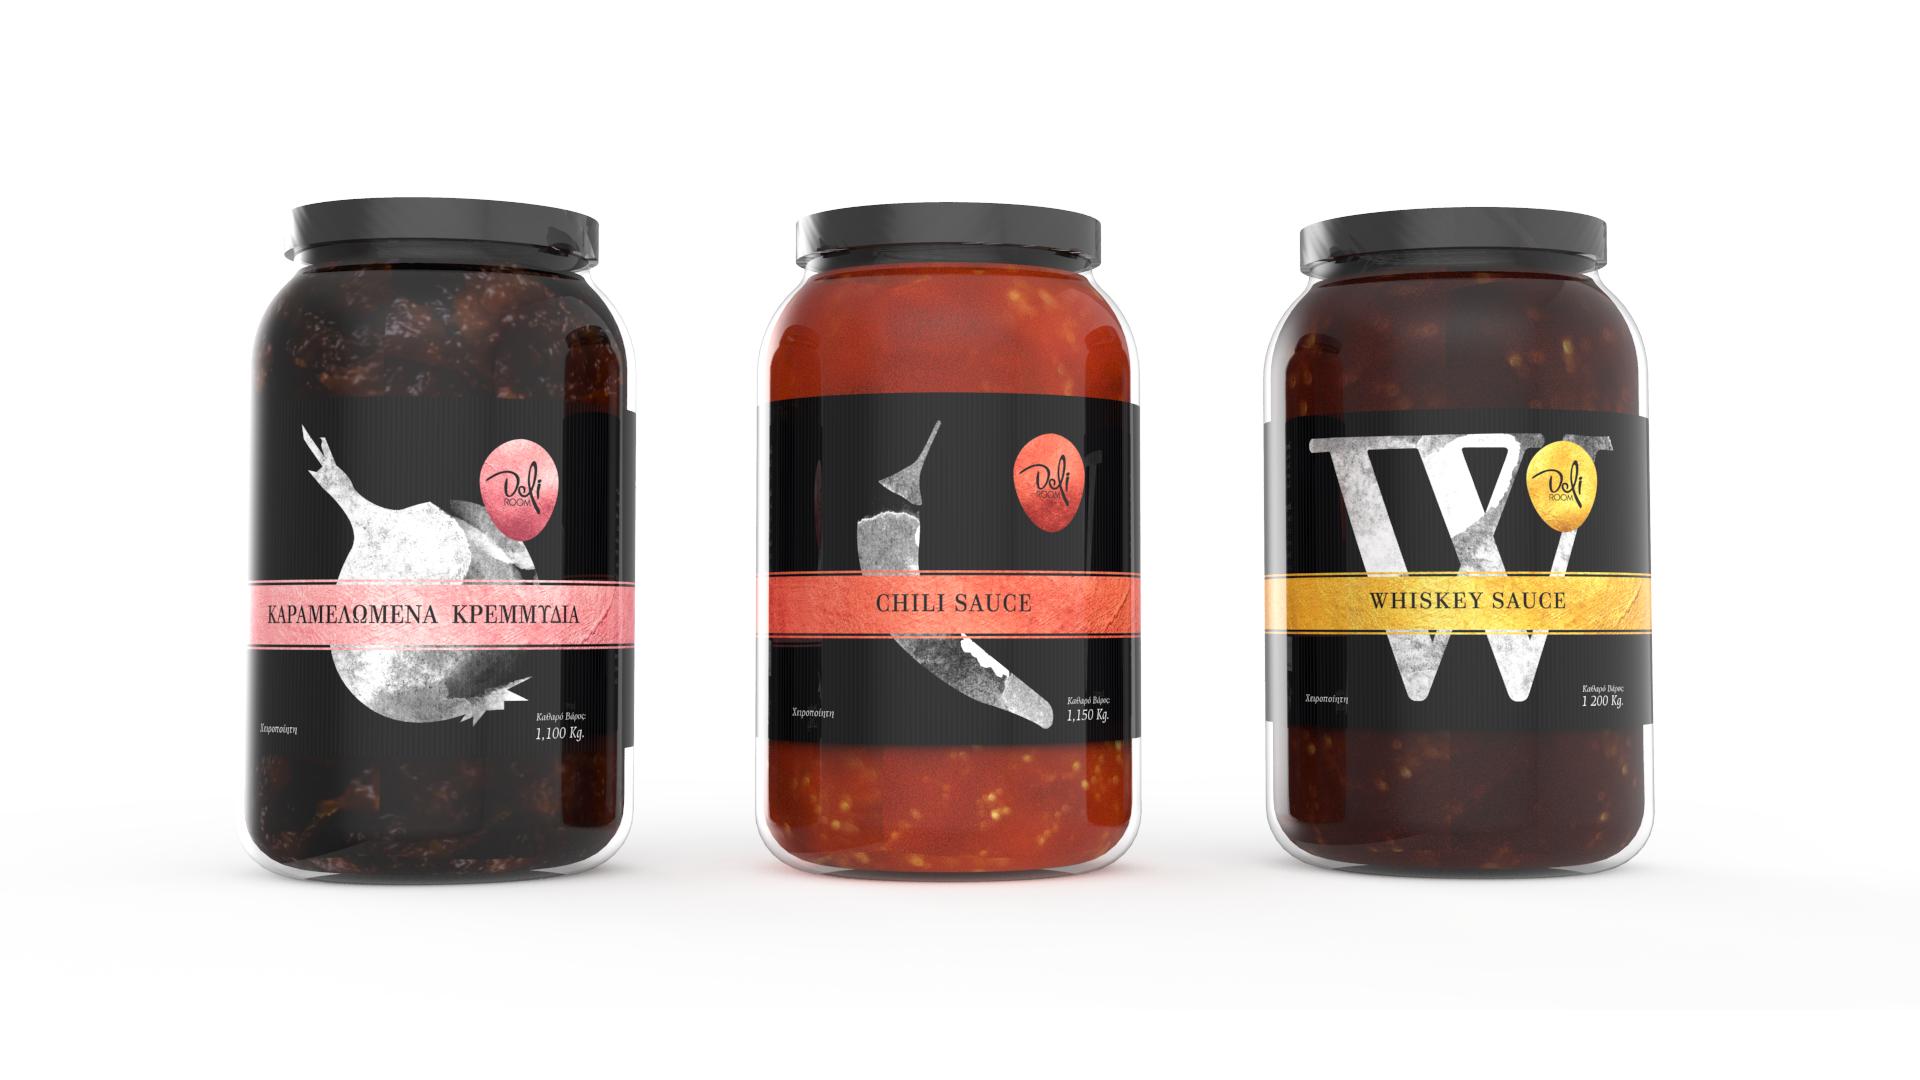 ετικέτα-συσκευασία-packaging-design-σχεδιασμός-ετικέτας